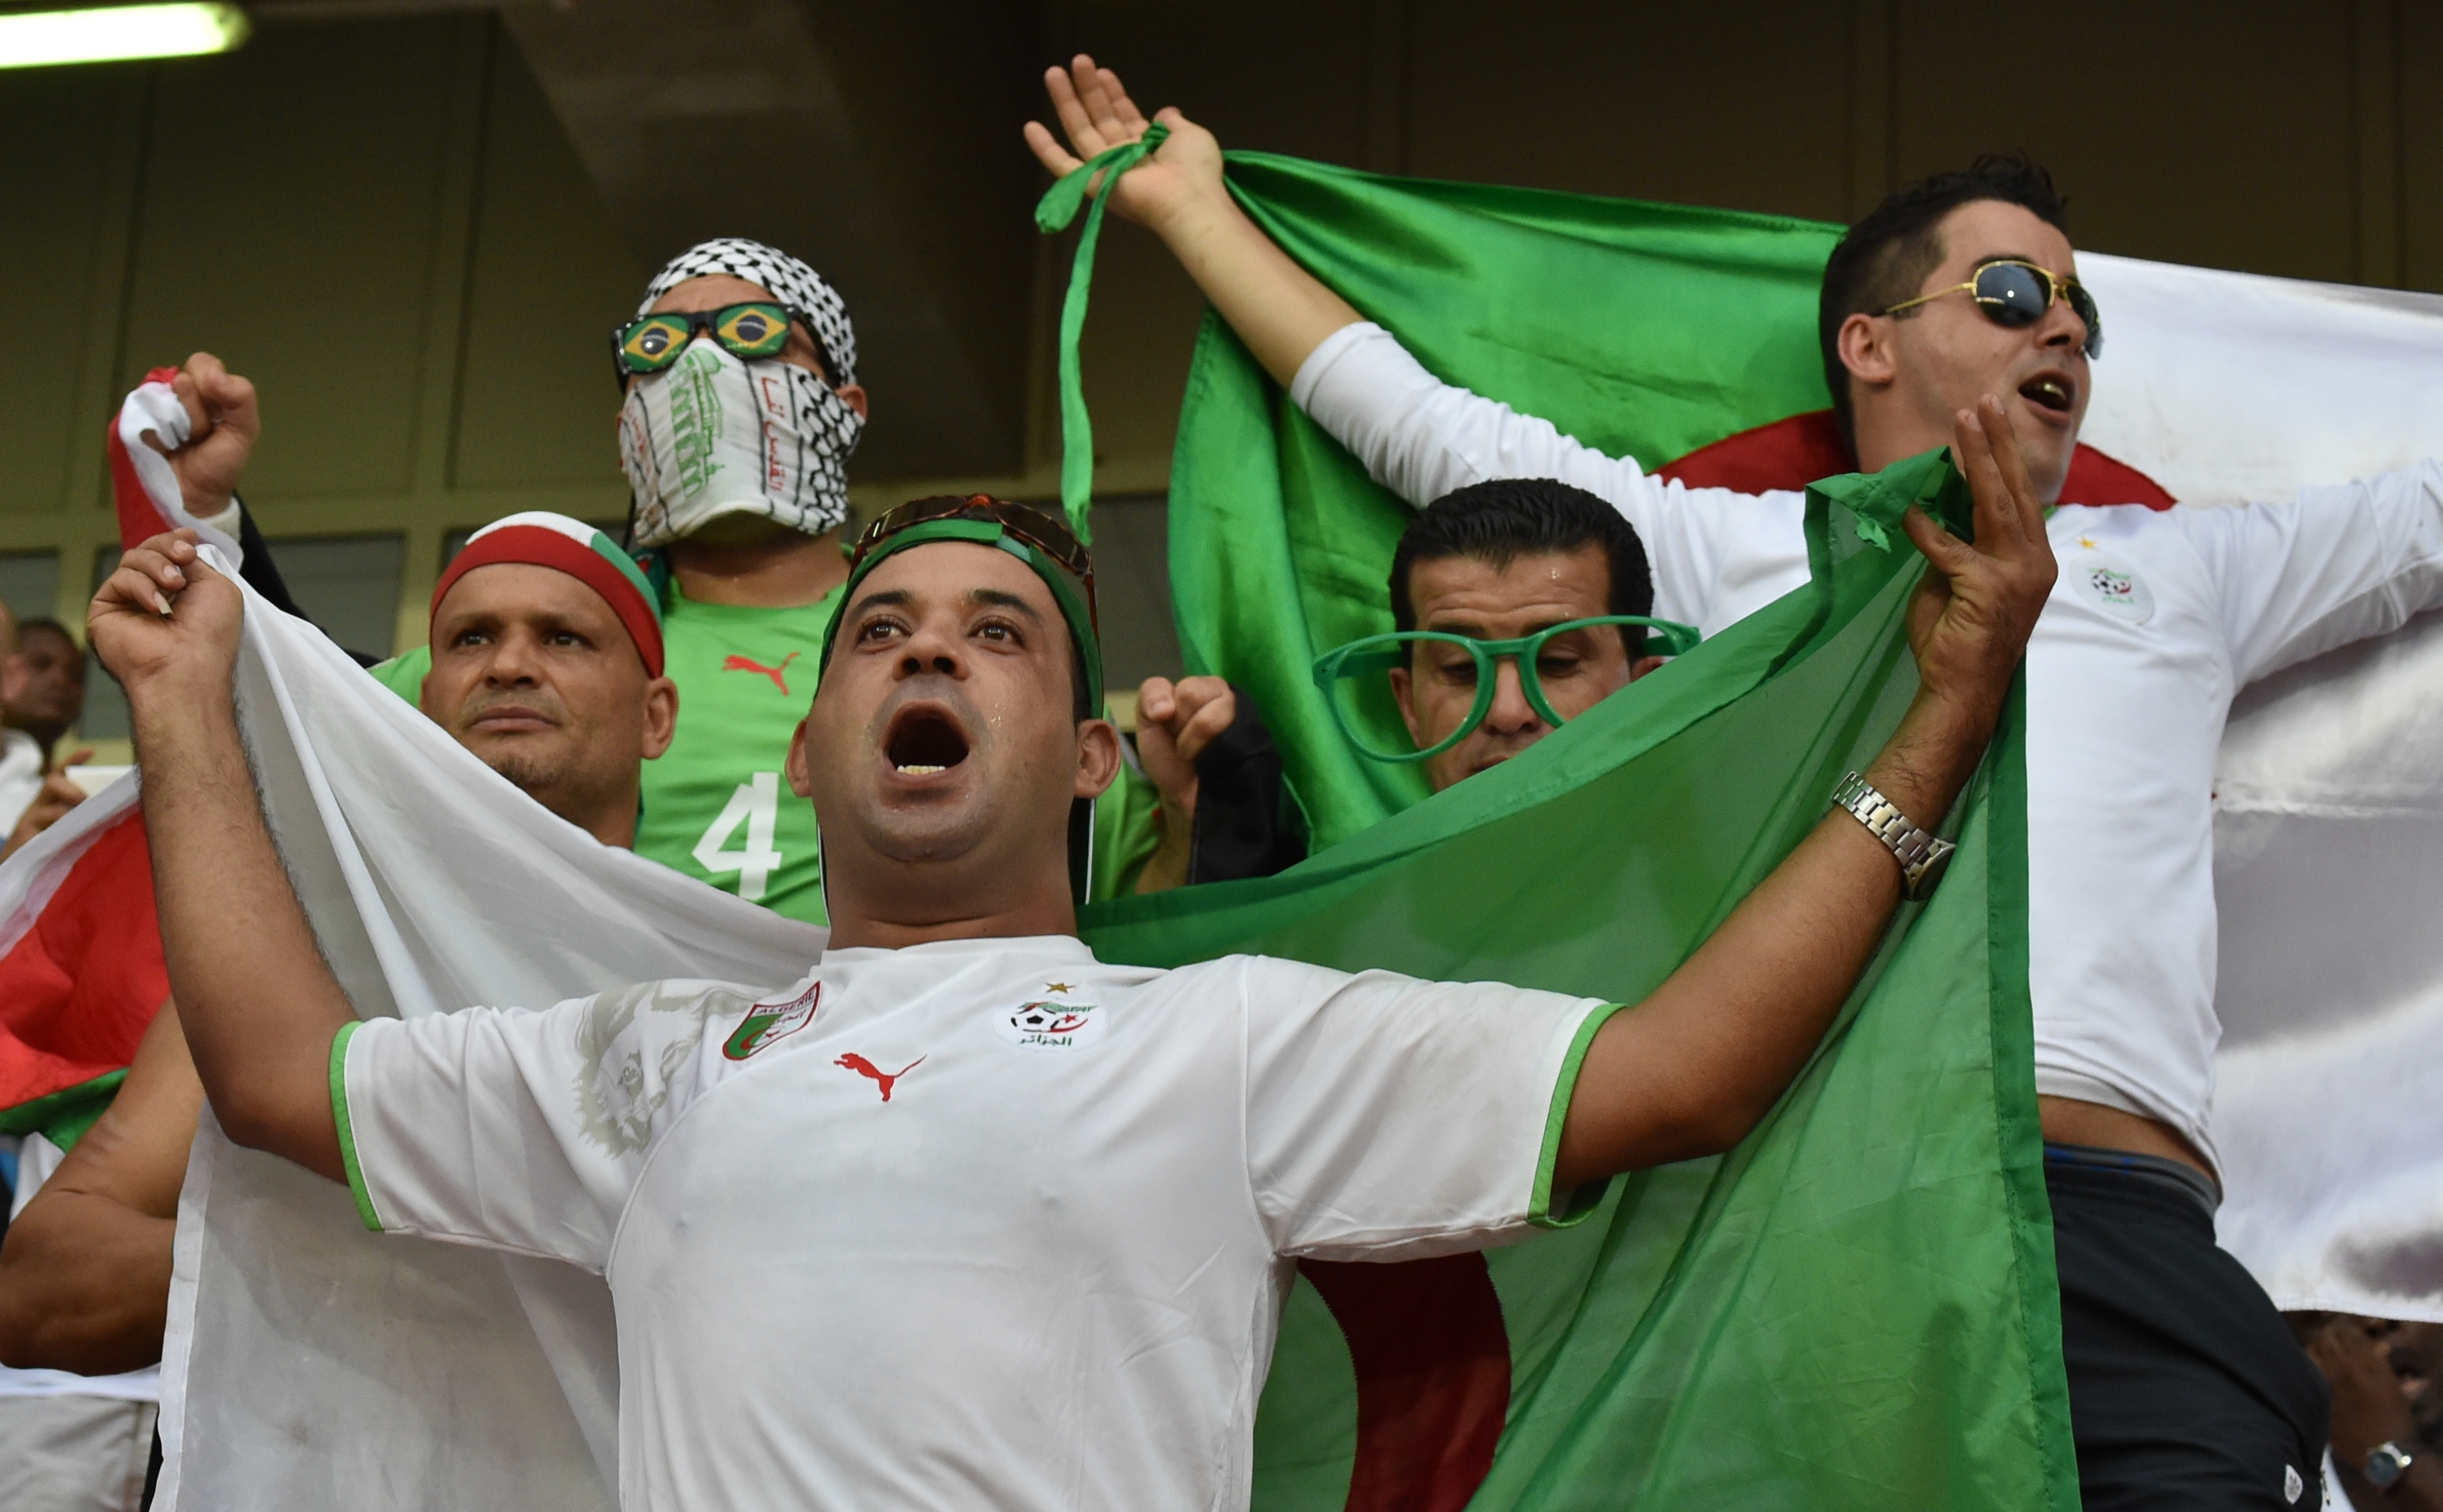 أنصار الفريق الجزائري خلال تصفيات كأس أمم إفريقيا